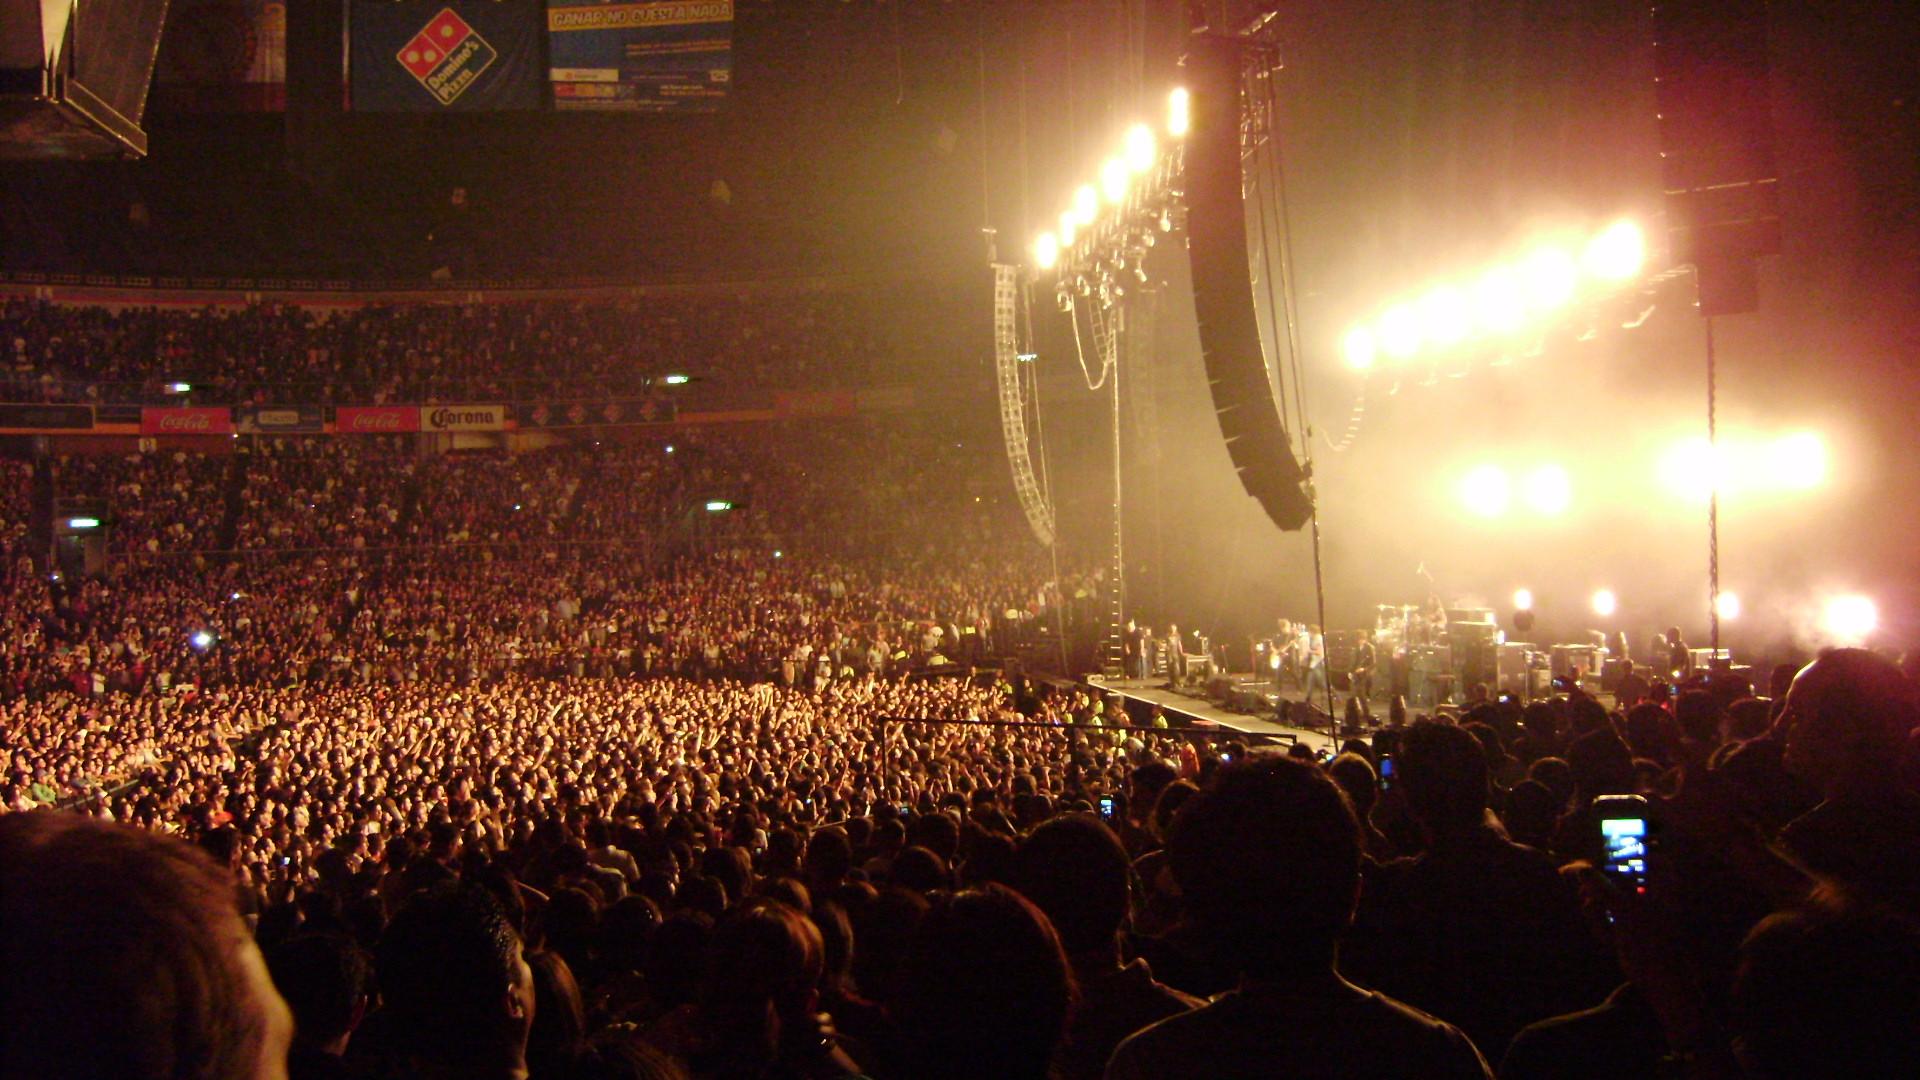 fotos de rbd en concierto: